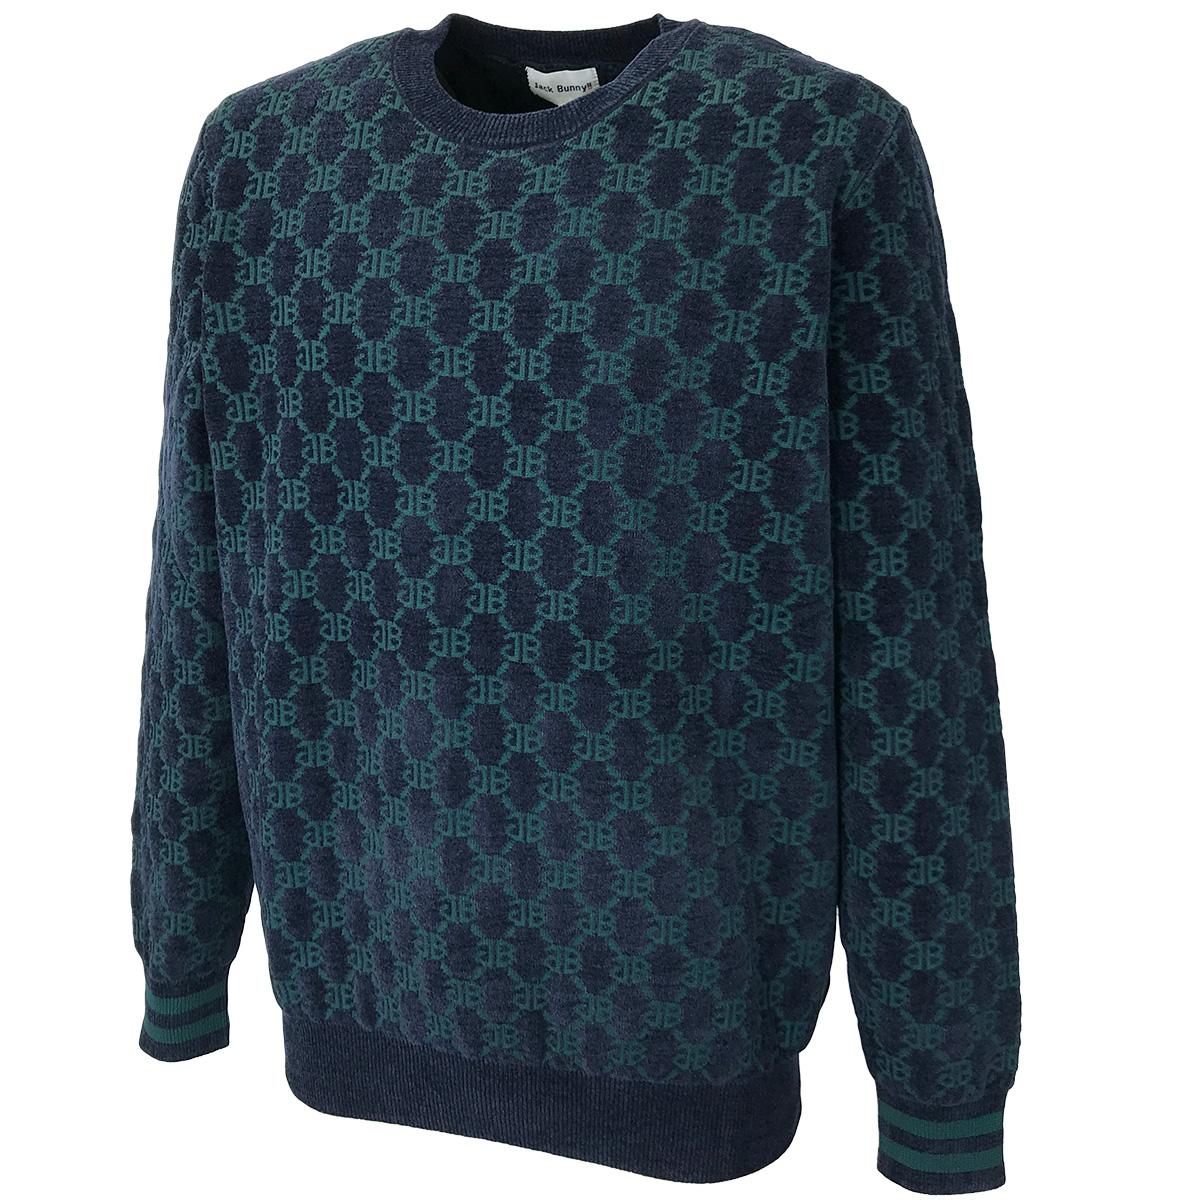 モノグラム柄 ジャカード丸首セーター